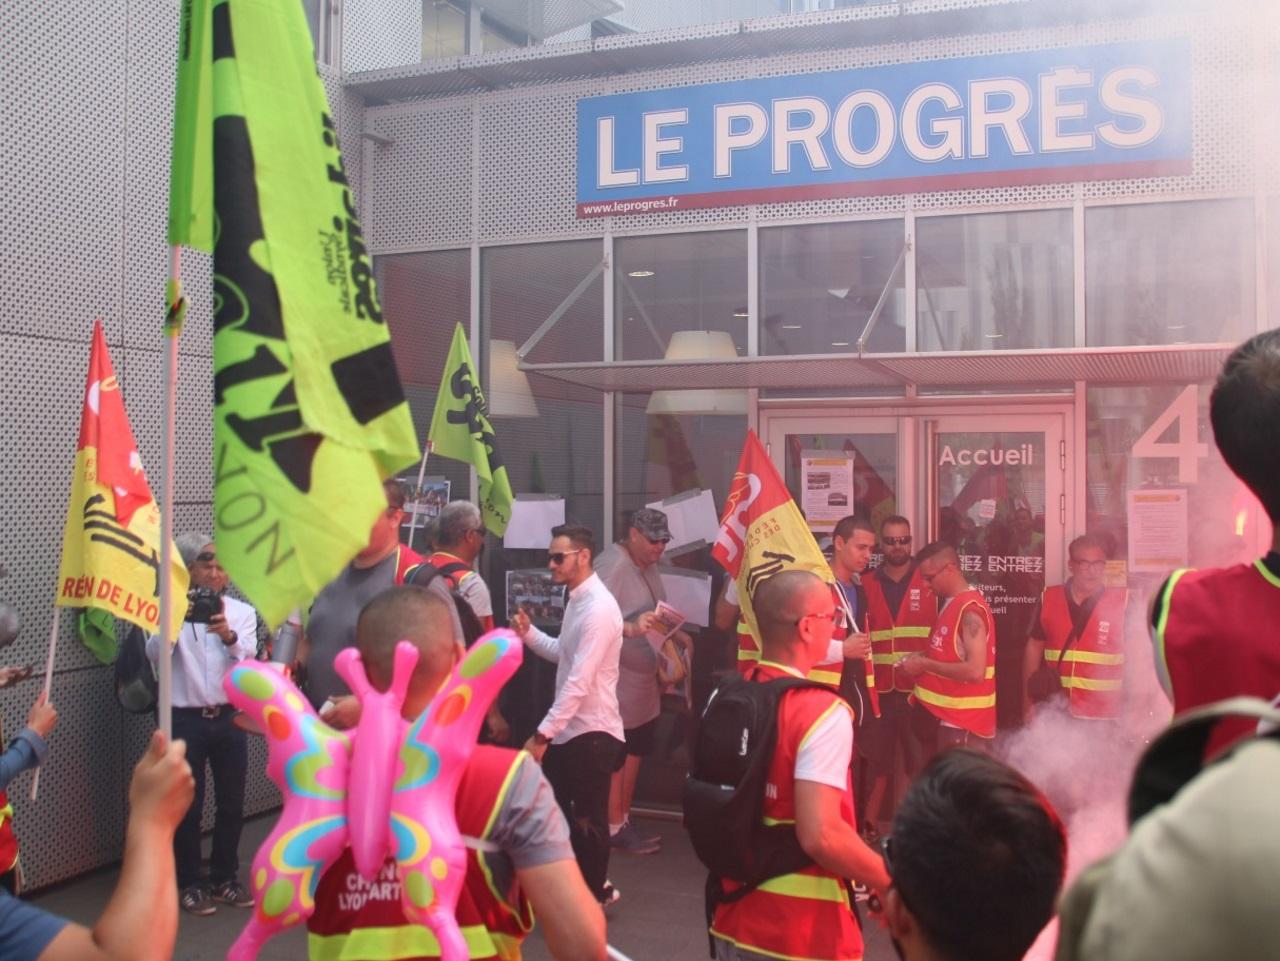 Les cheminots ont fait une étape devant les locaux du Progrès - Lyonmag.com